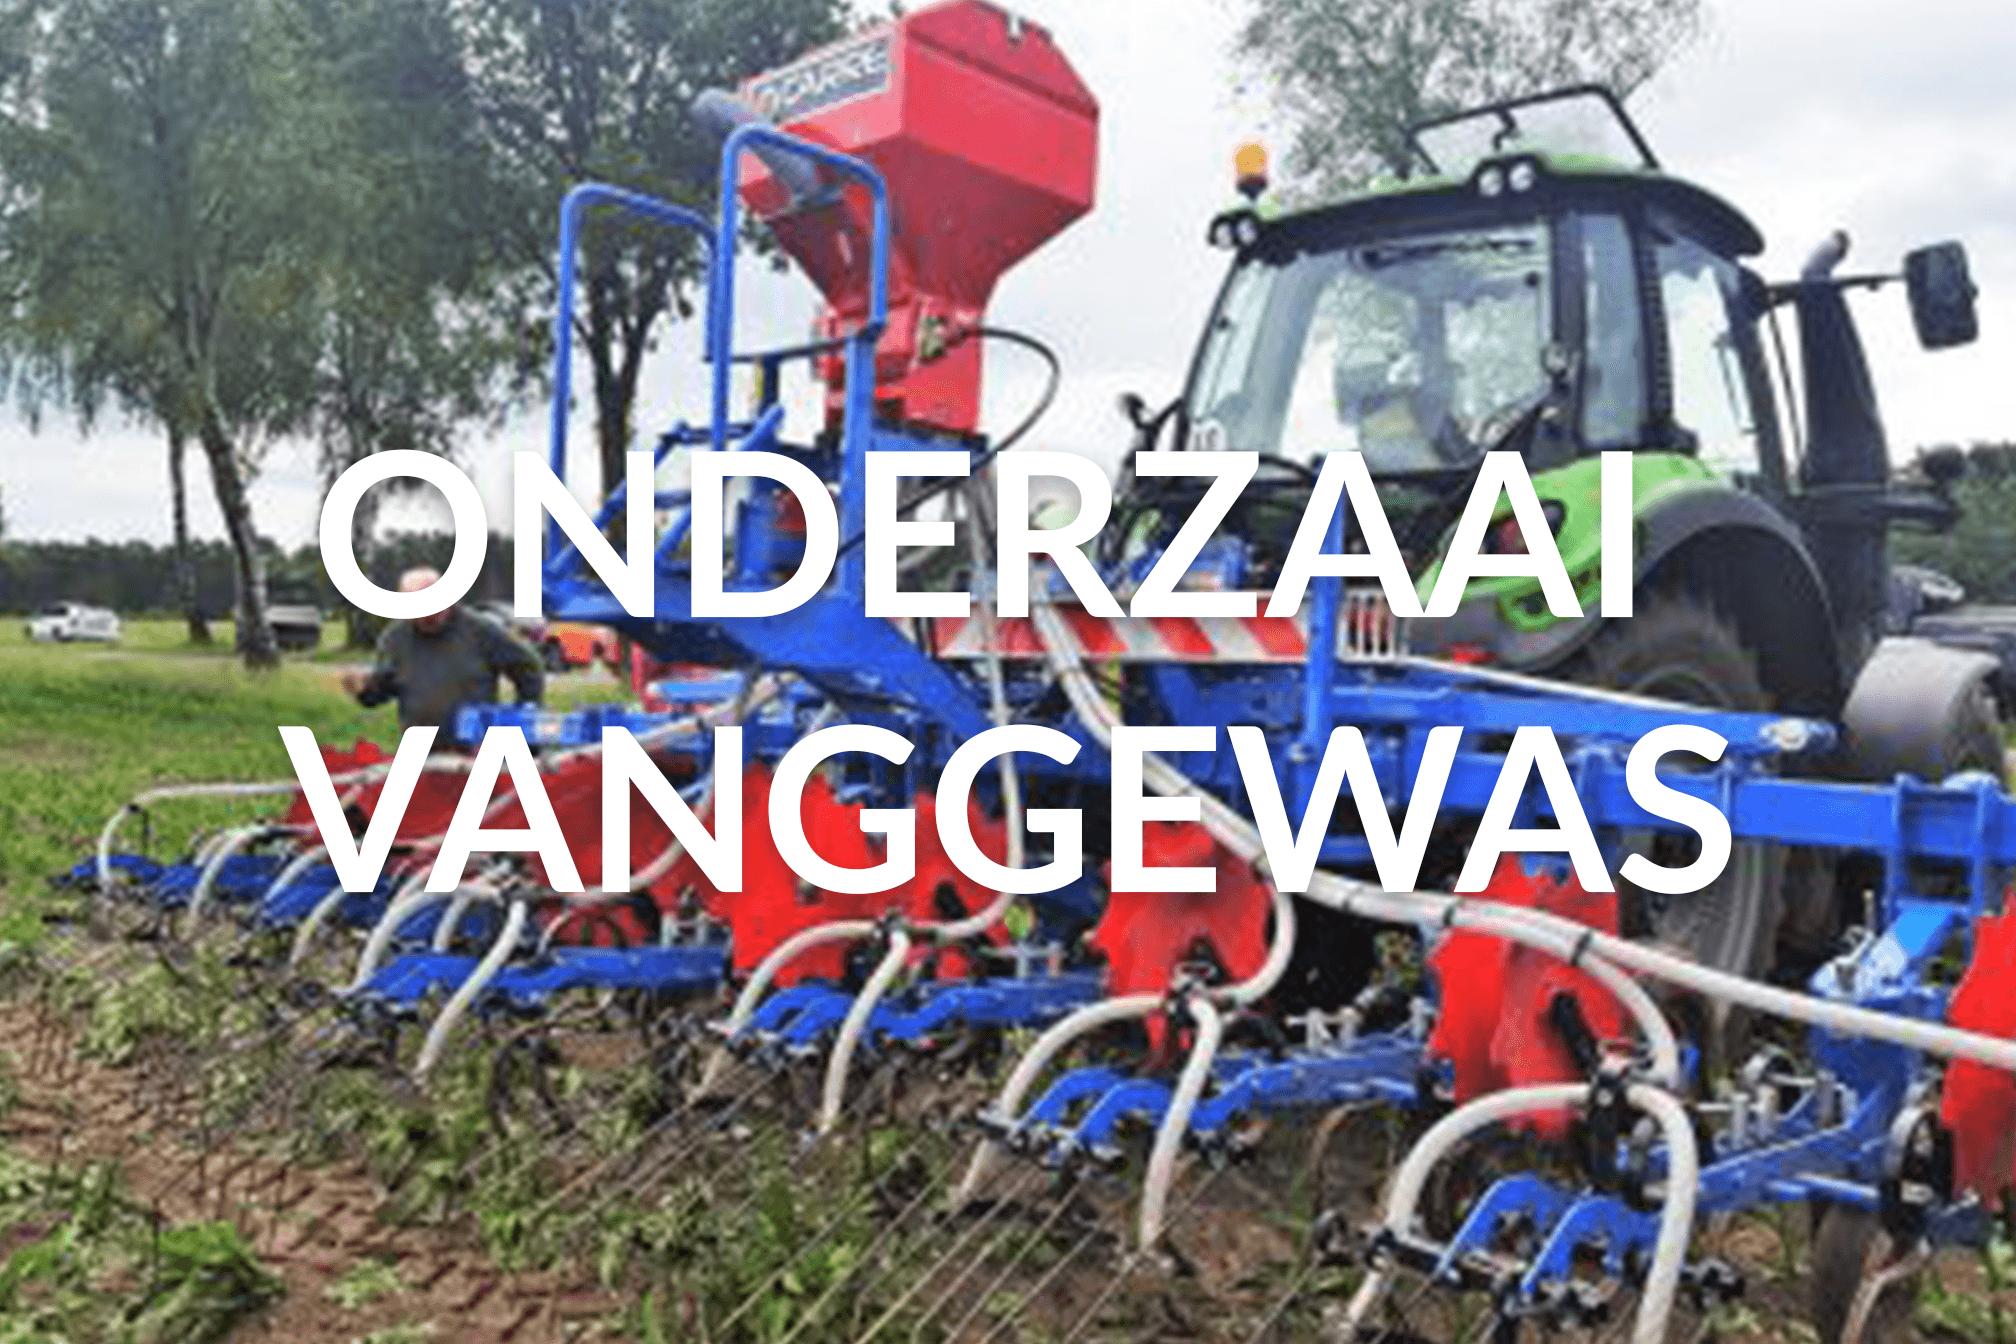 Carré_Onderzaai vanggewas_GROOT2